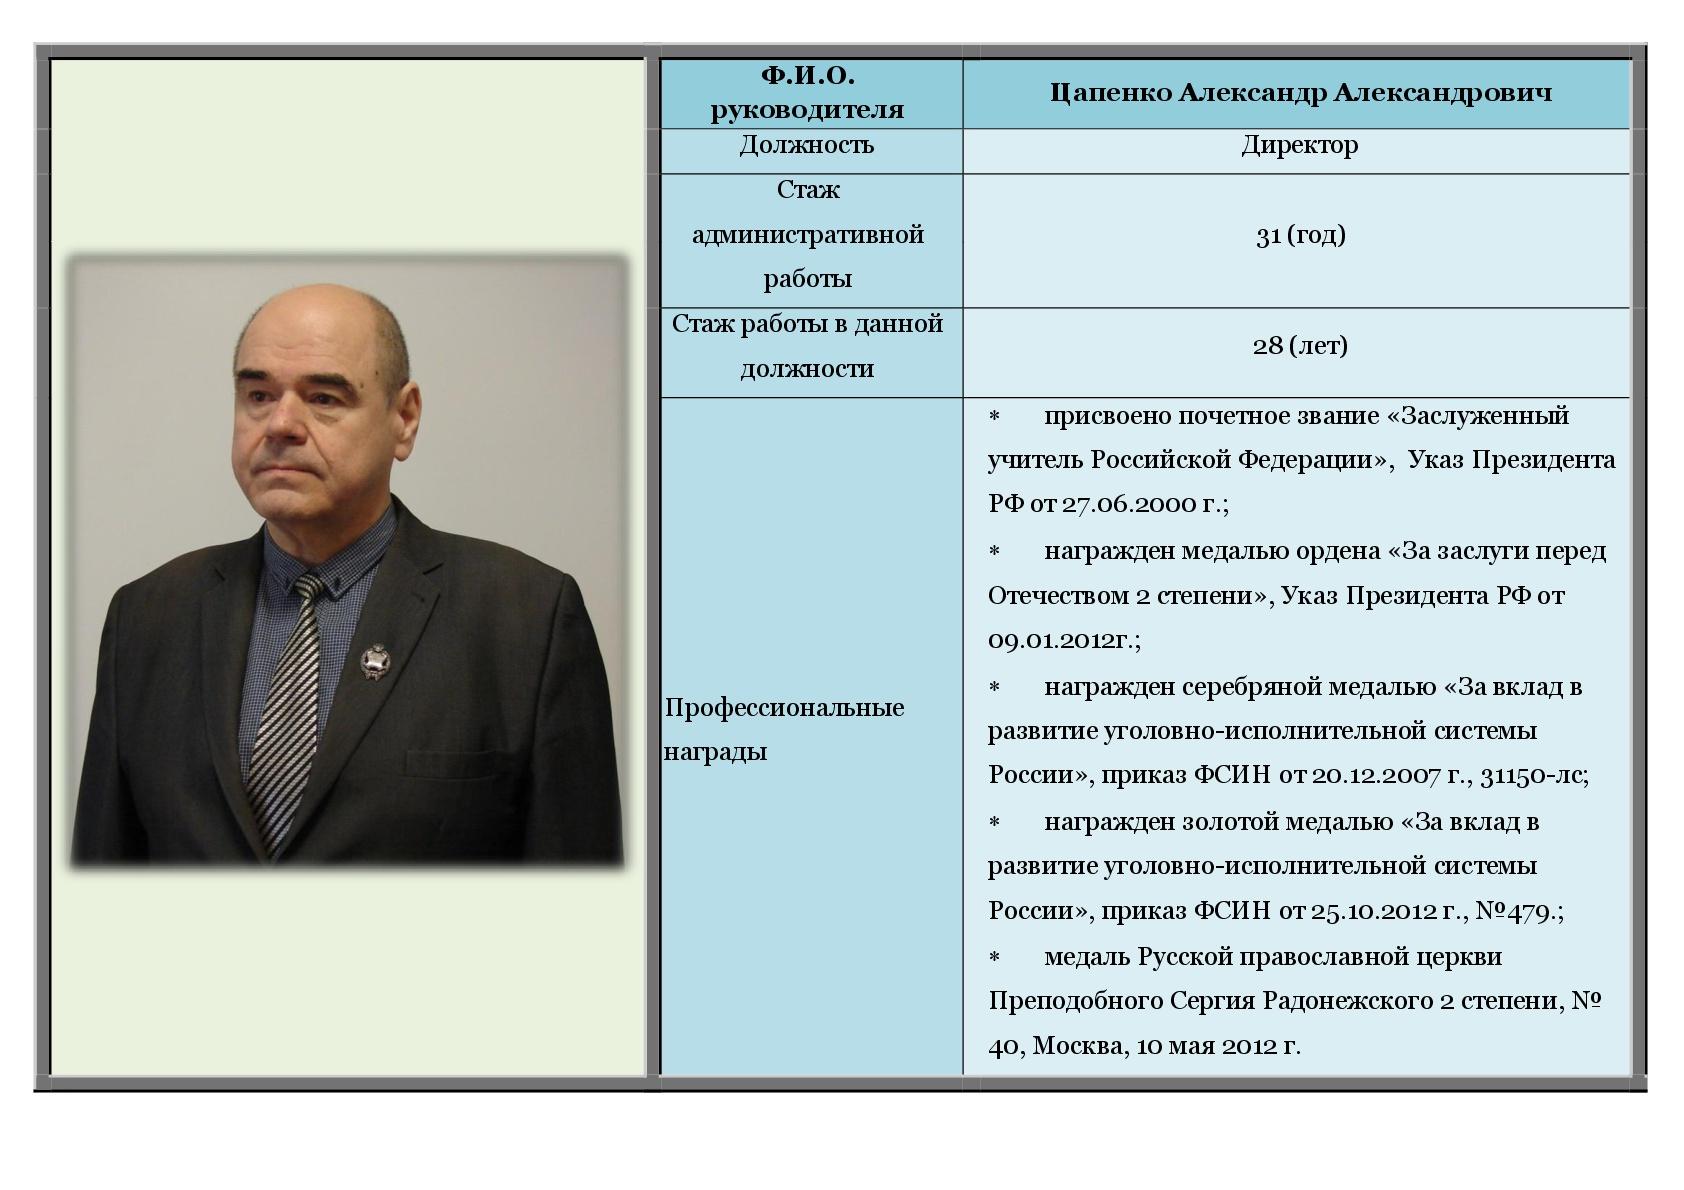 1. Руководитель МБОУ ВСОШ 17